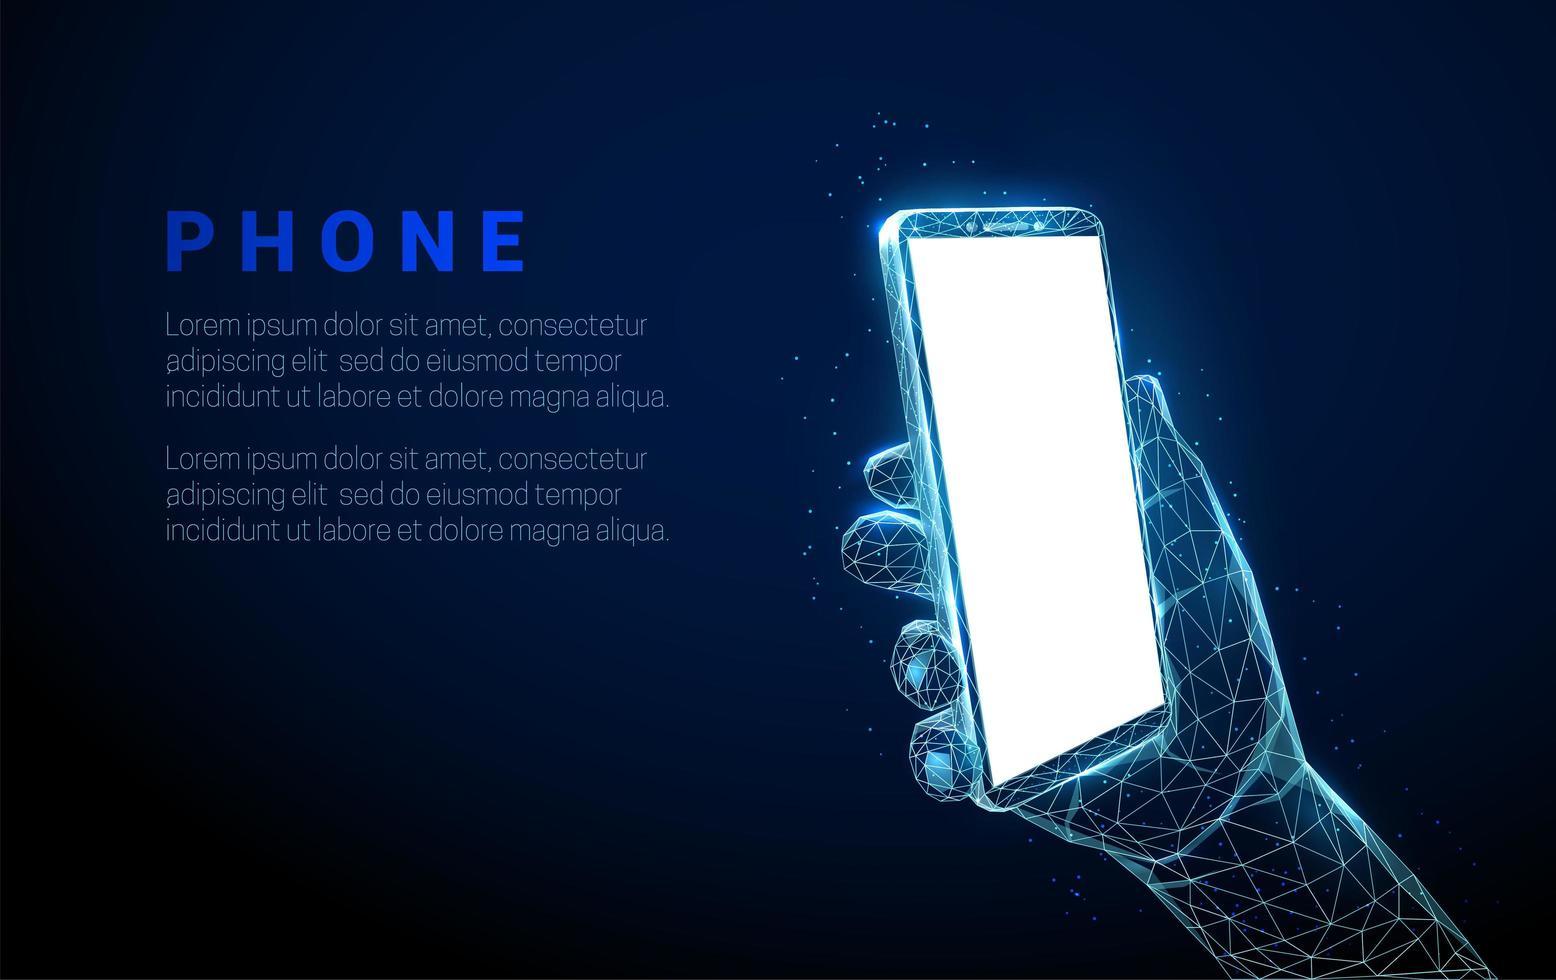 mano astratta che tiene il telefono cellulare con schermo vuoto bianco vettore